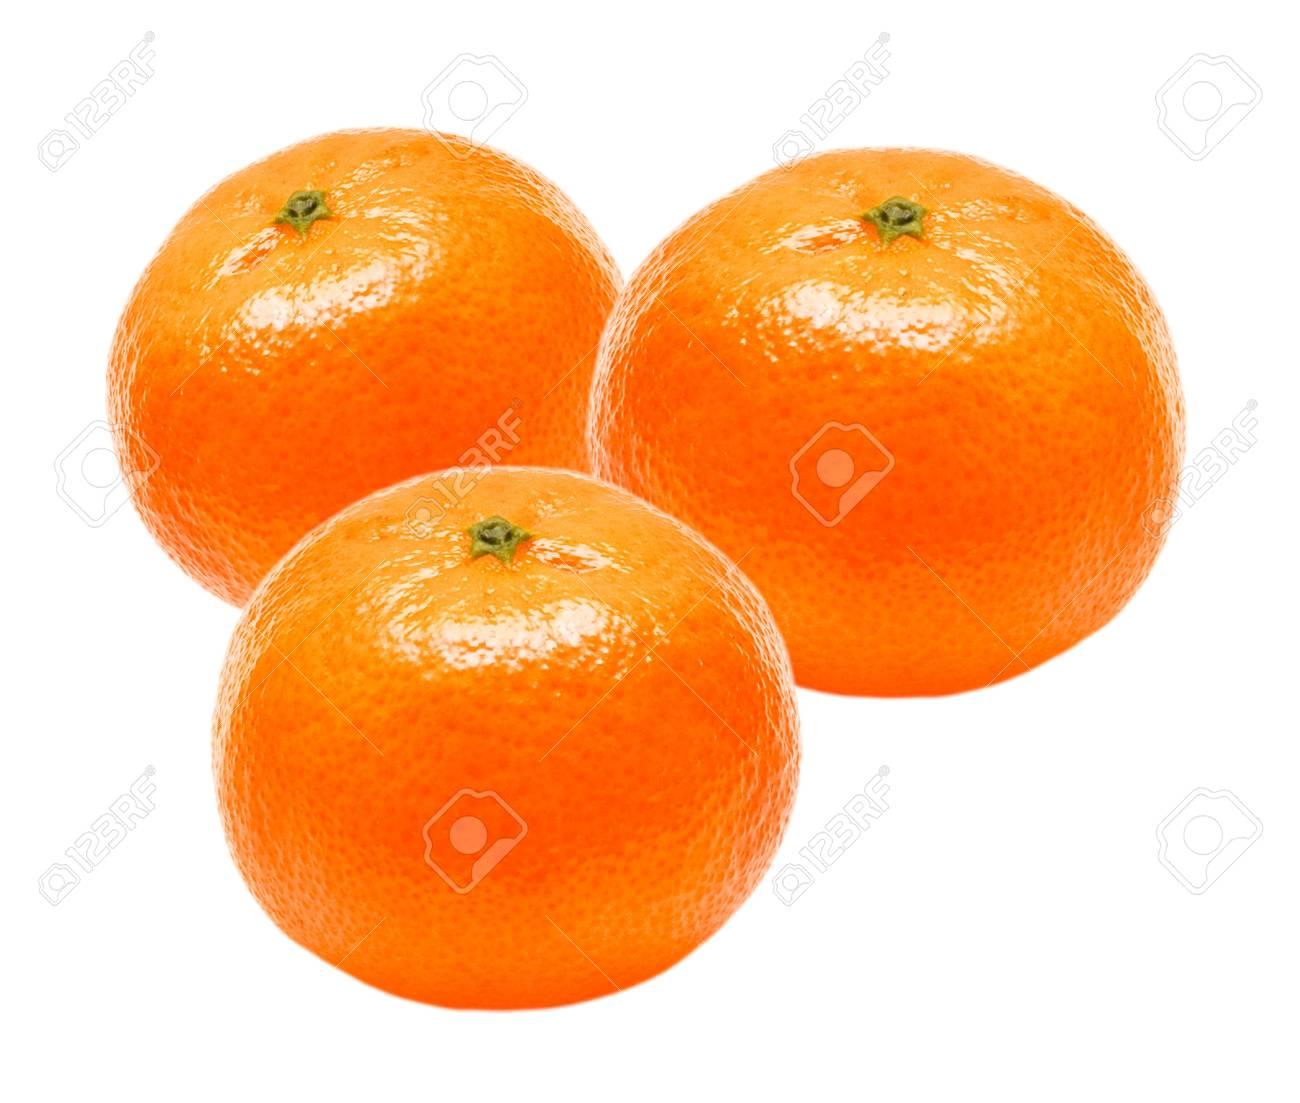 Mandarin isolated on white background Stock Photo - 12265187